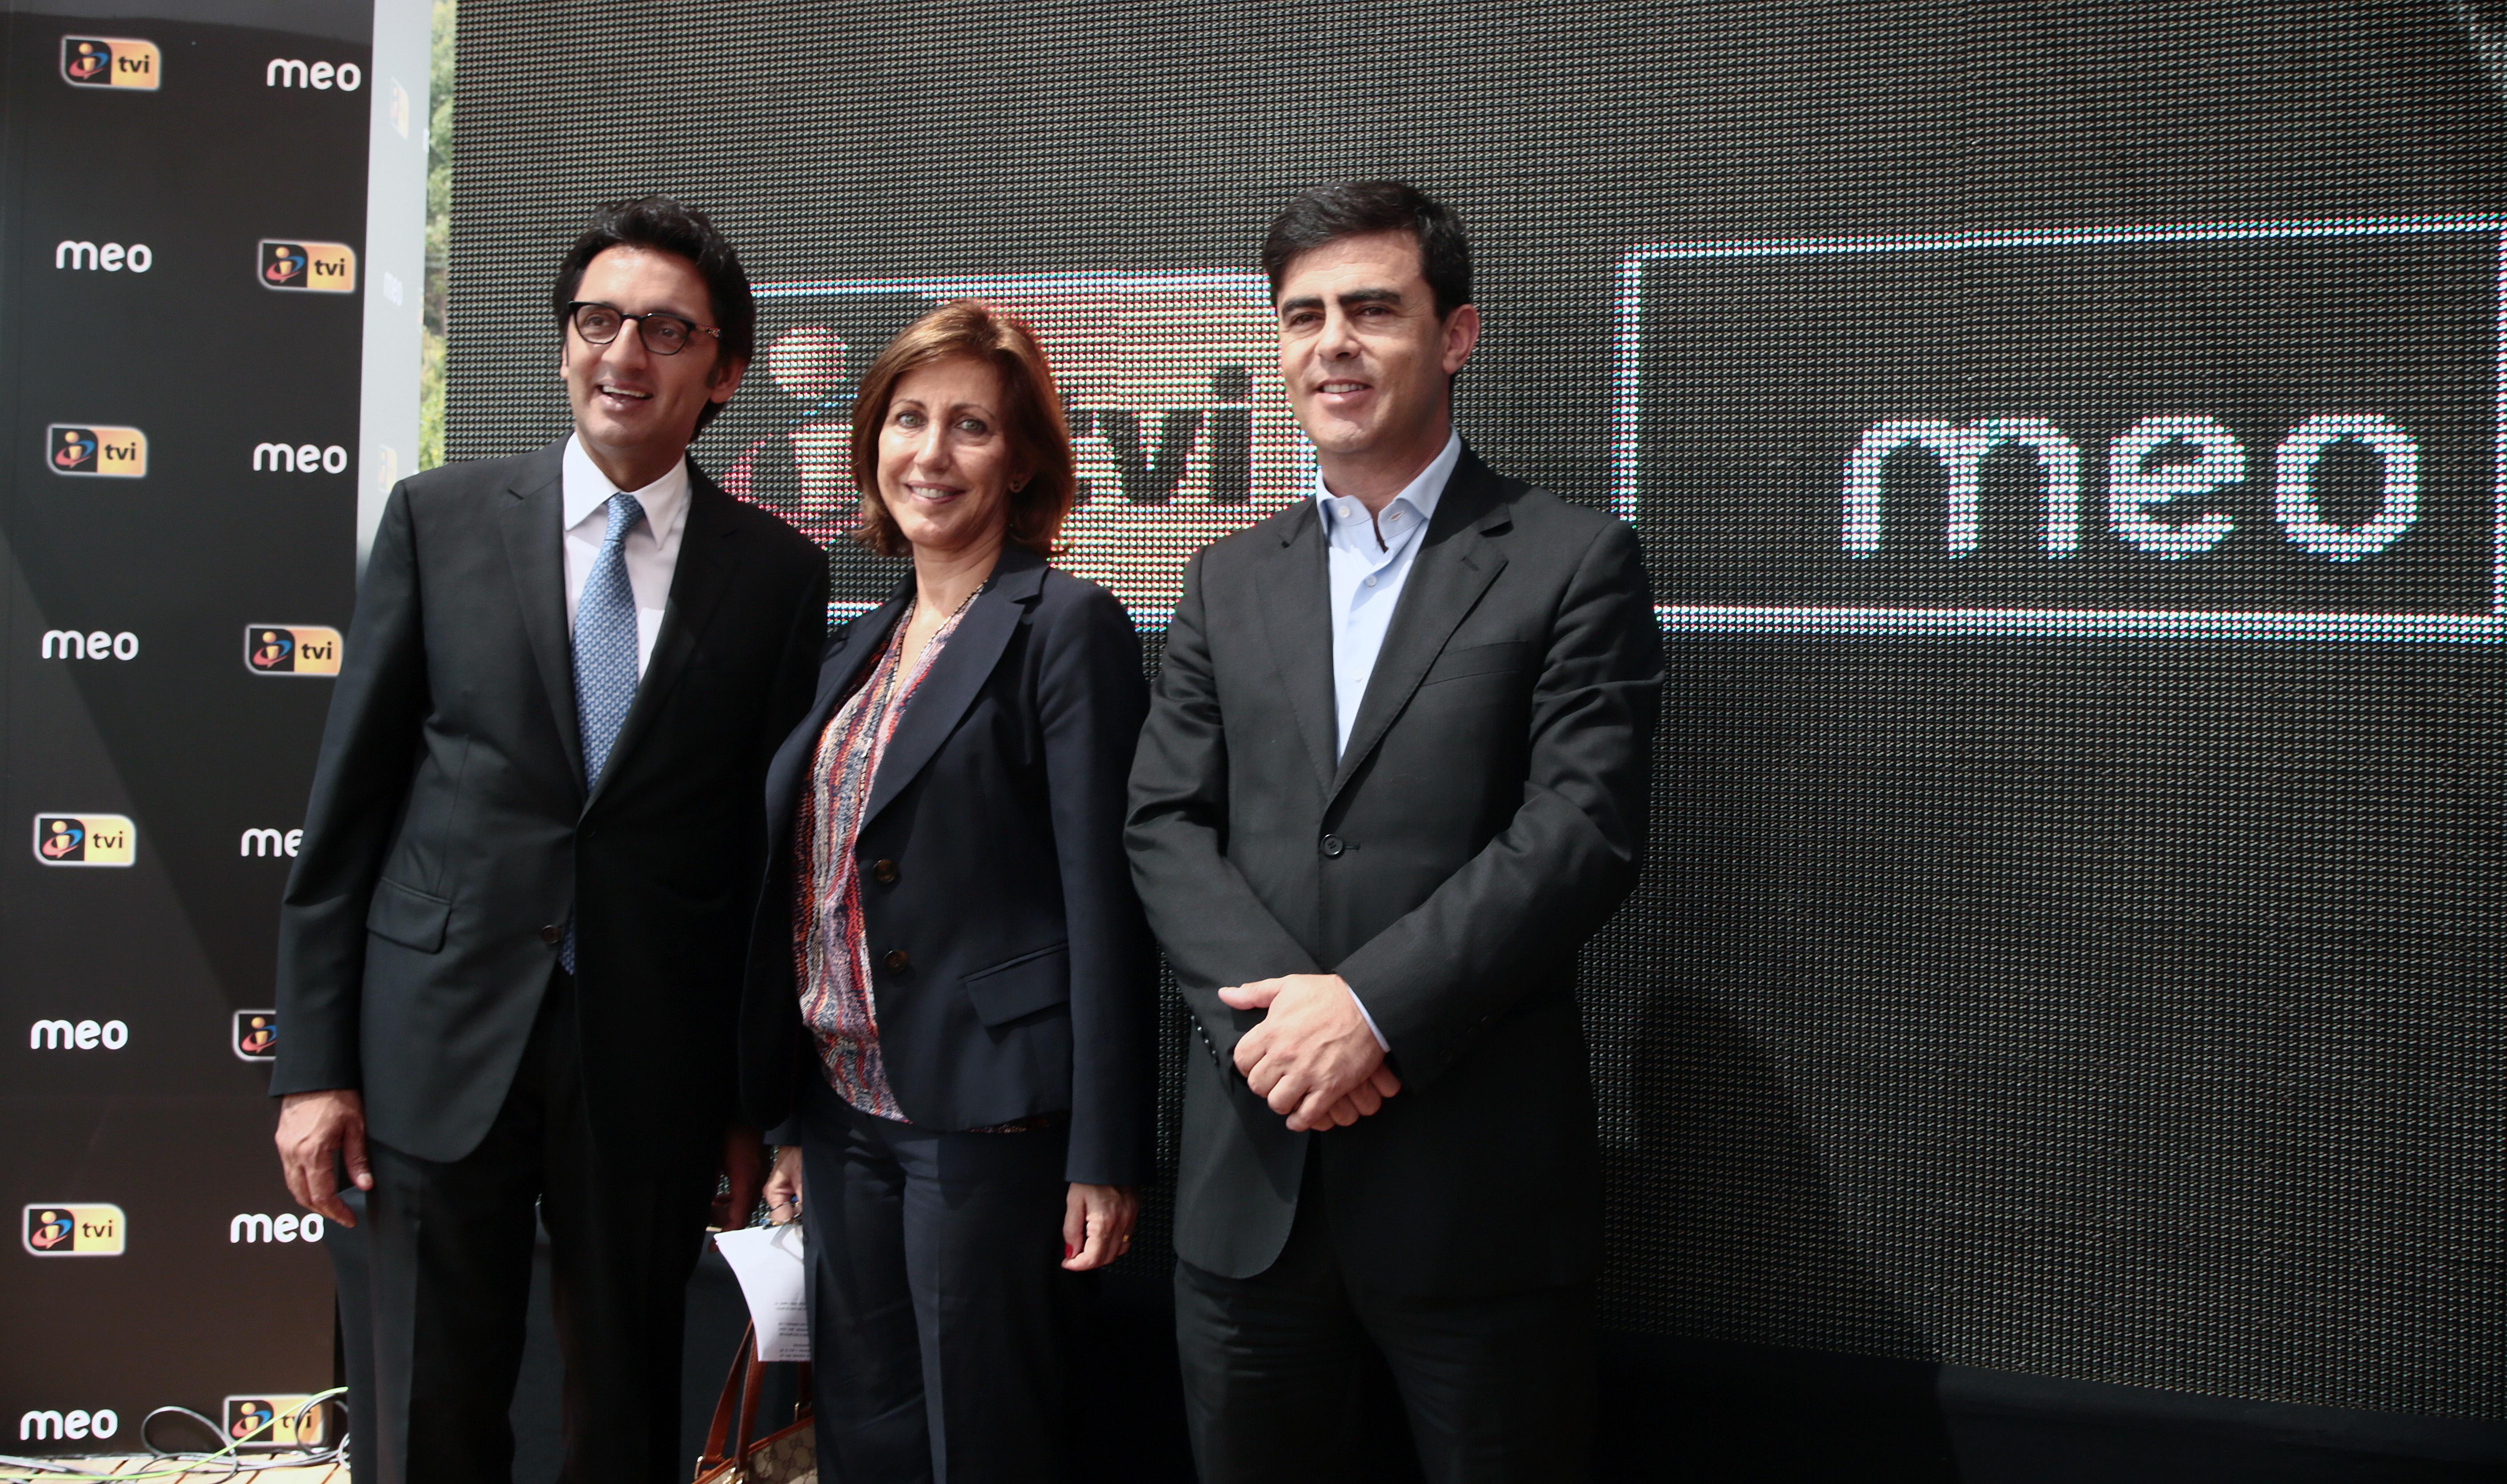 TVI Ficção – O novo espaço de ficção portuguesa, numa parceria com o MEO